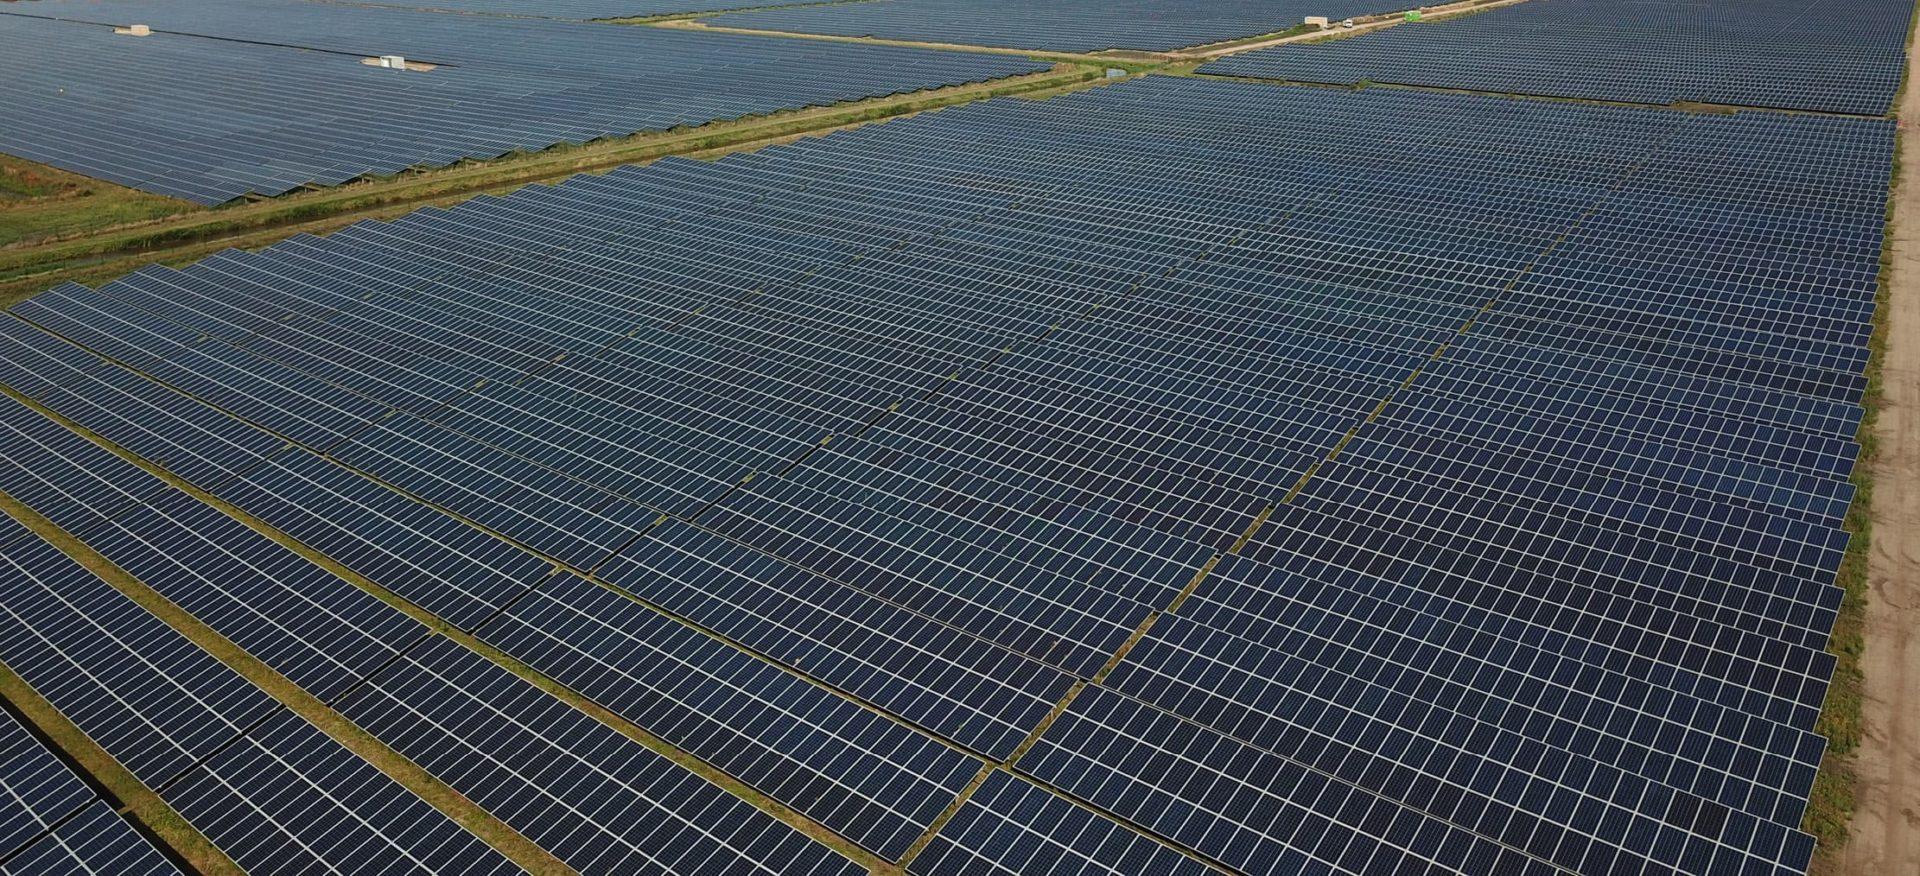 Luftaufnahme Sonnenpark Midden-Groningen in den Niederlanden